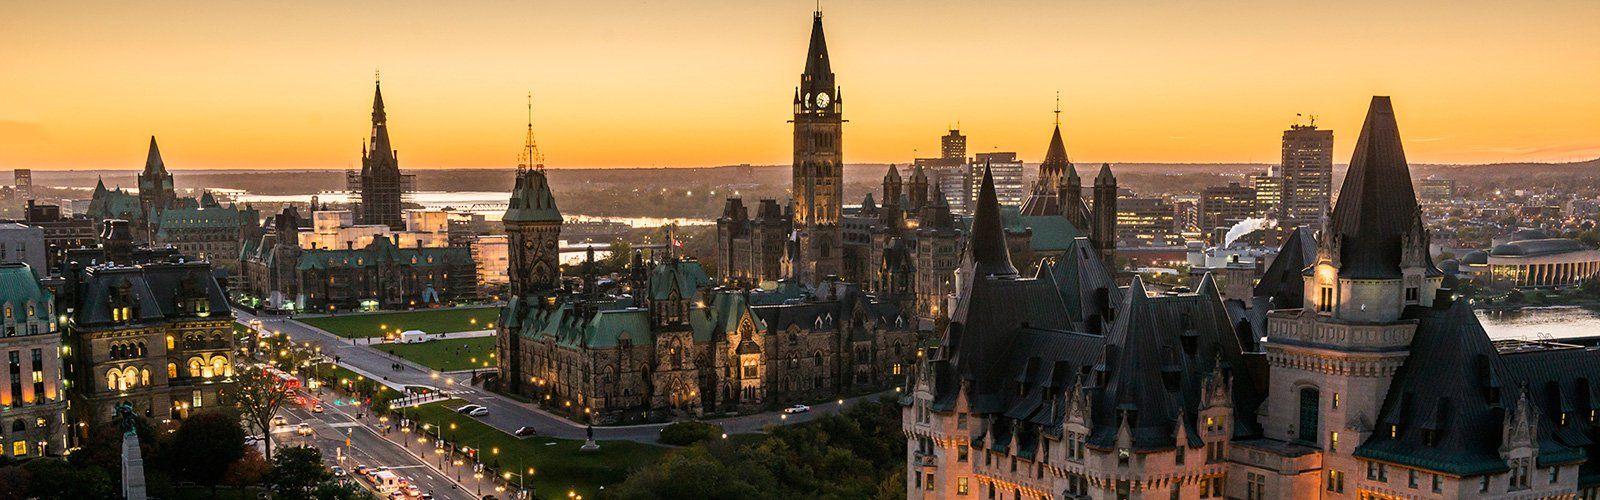 Ottawa SEO Company Ottawa tourism, Ottawa, Canada travel